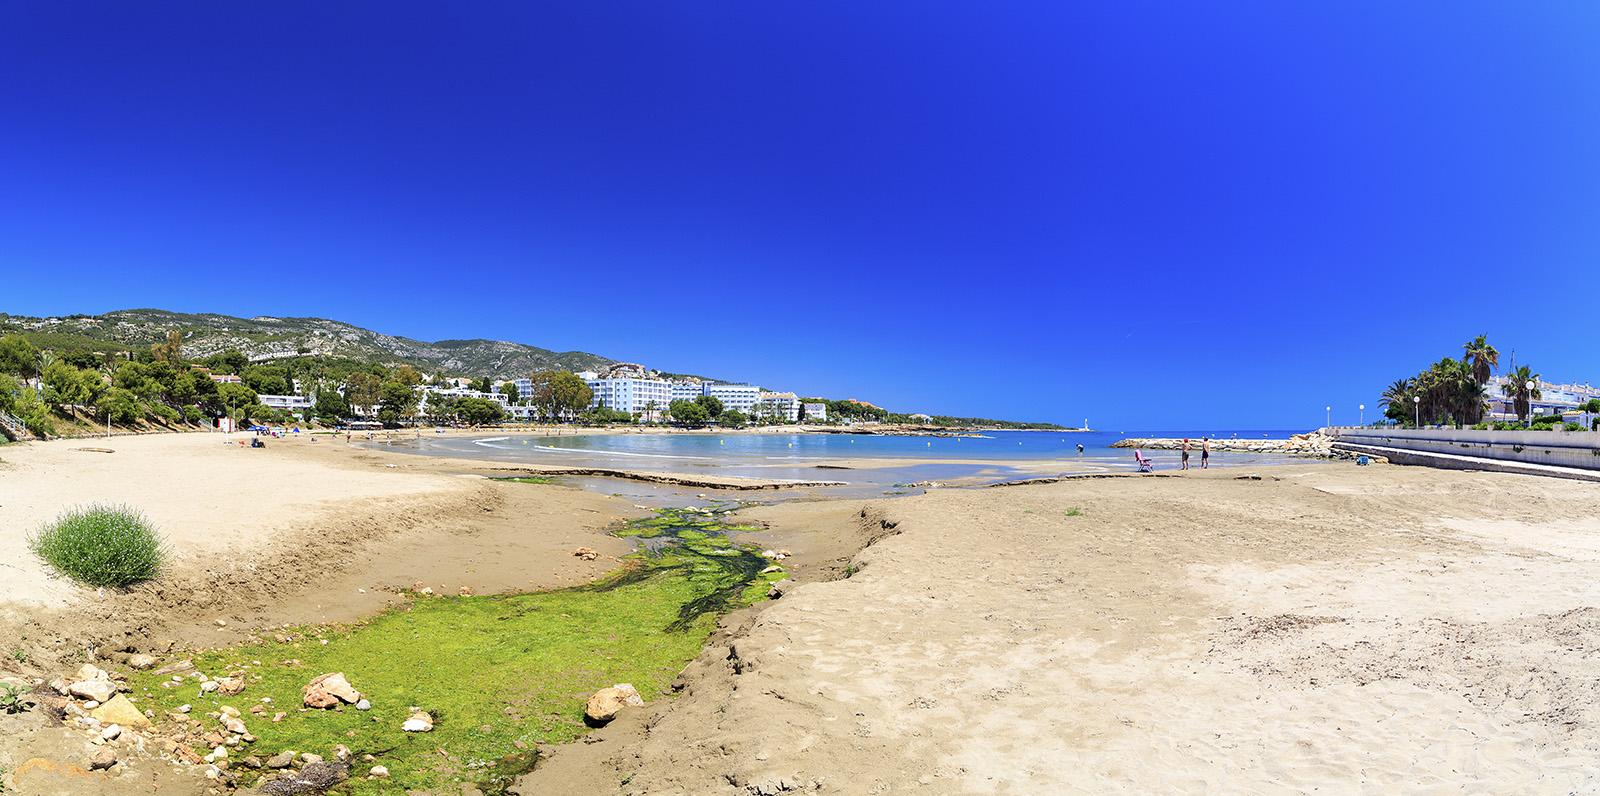 Turismo-Alcossebre-Playa-Las-Fuentes-Alcossebre